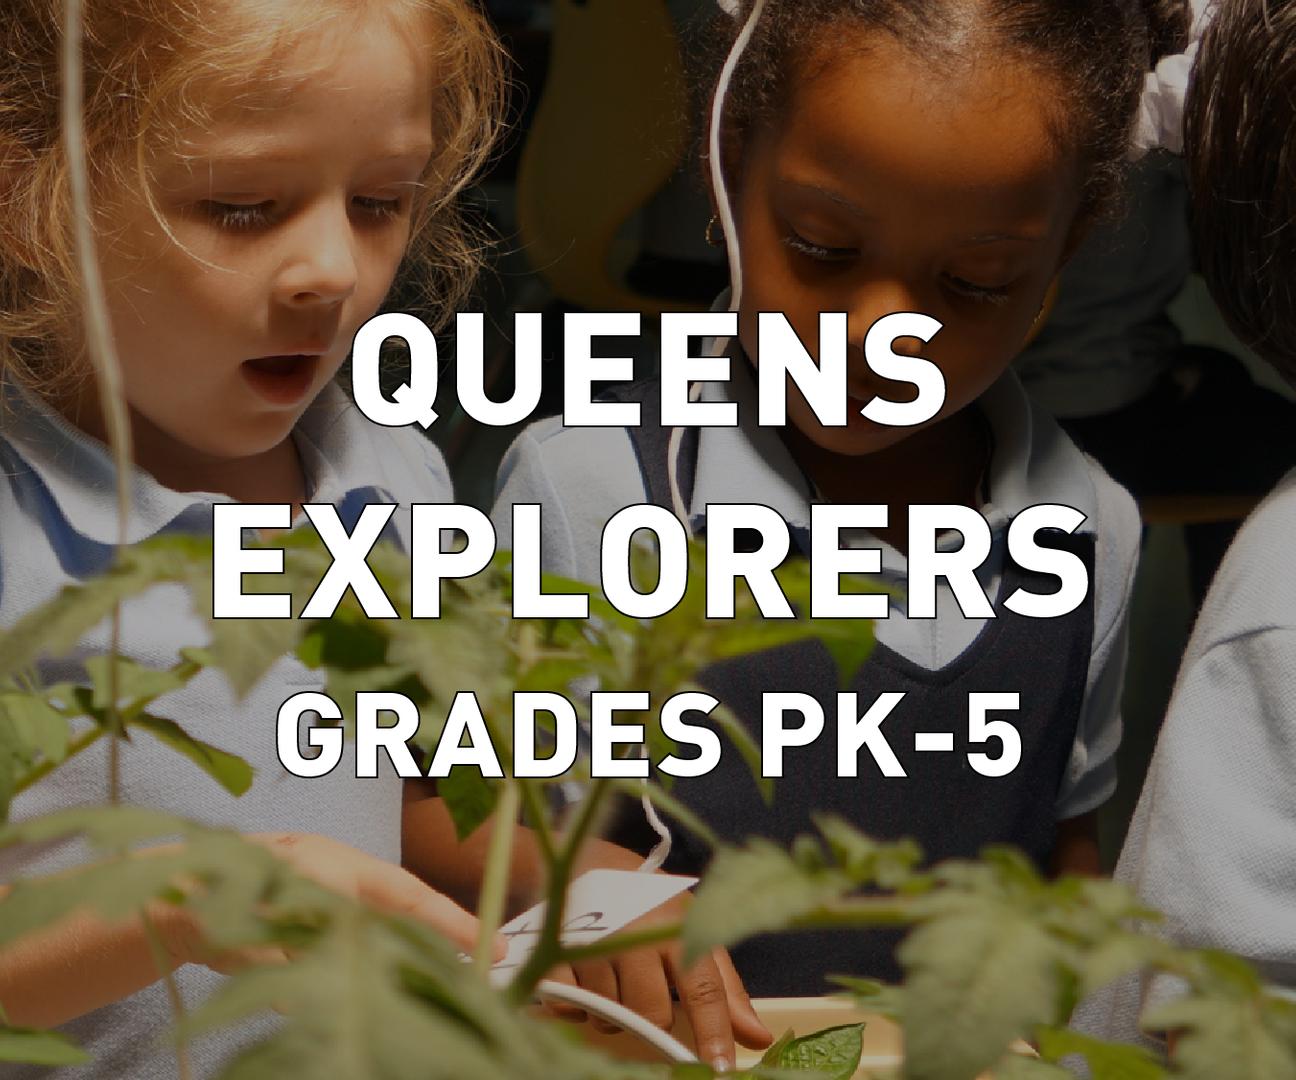 Queens Explorers Grades PK-5